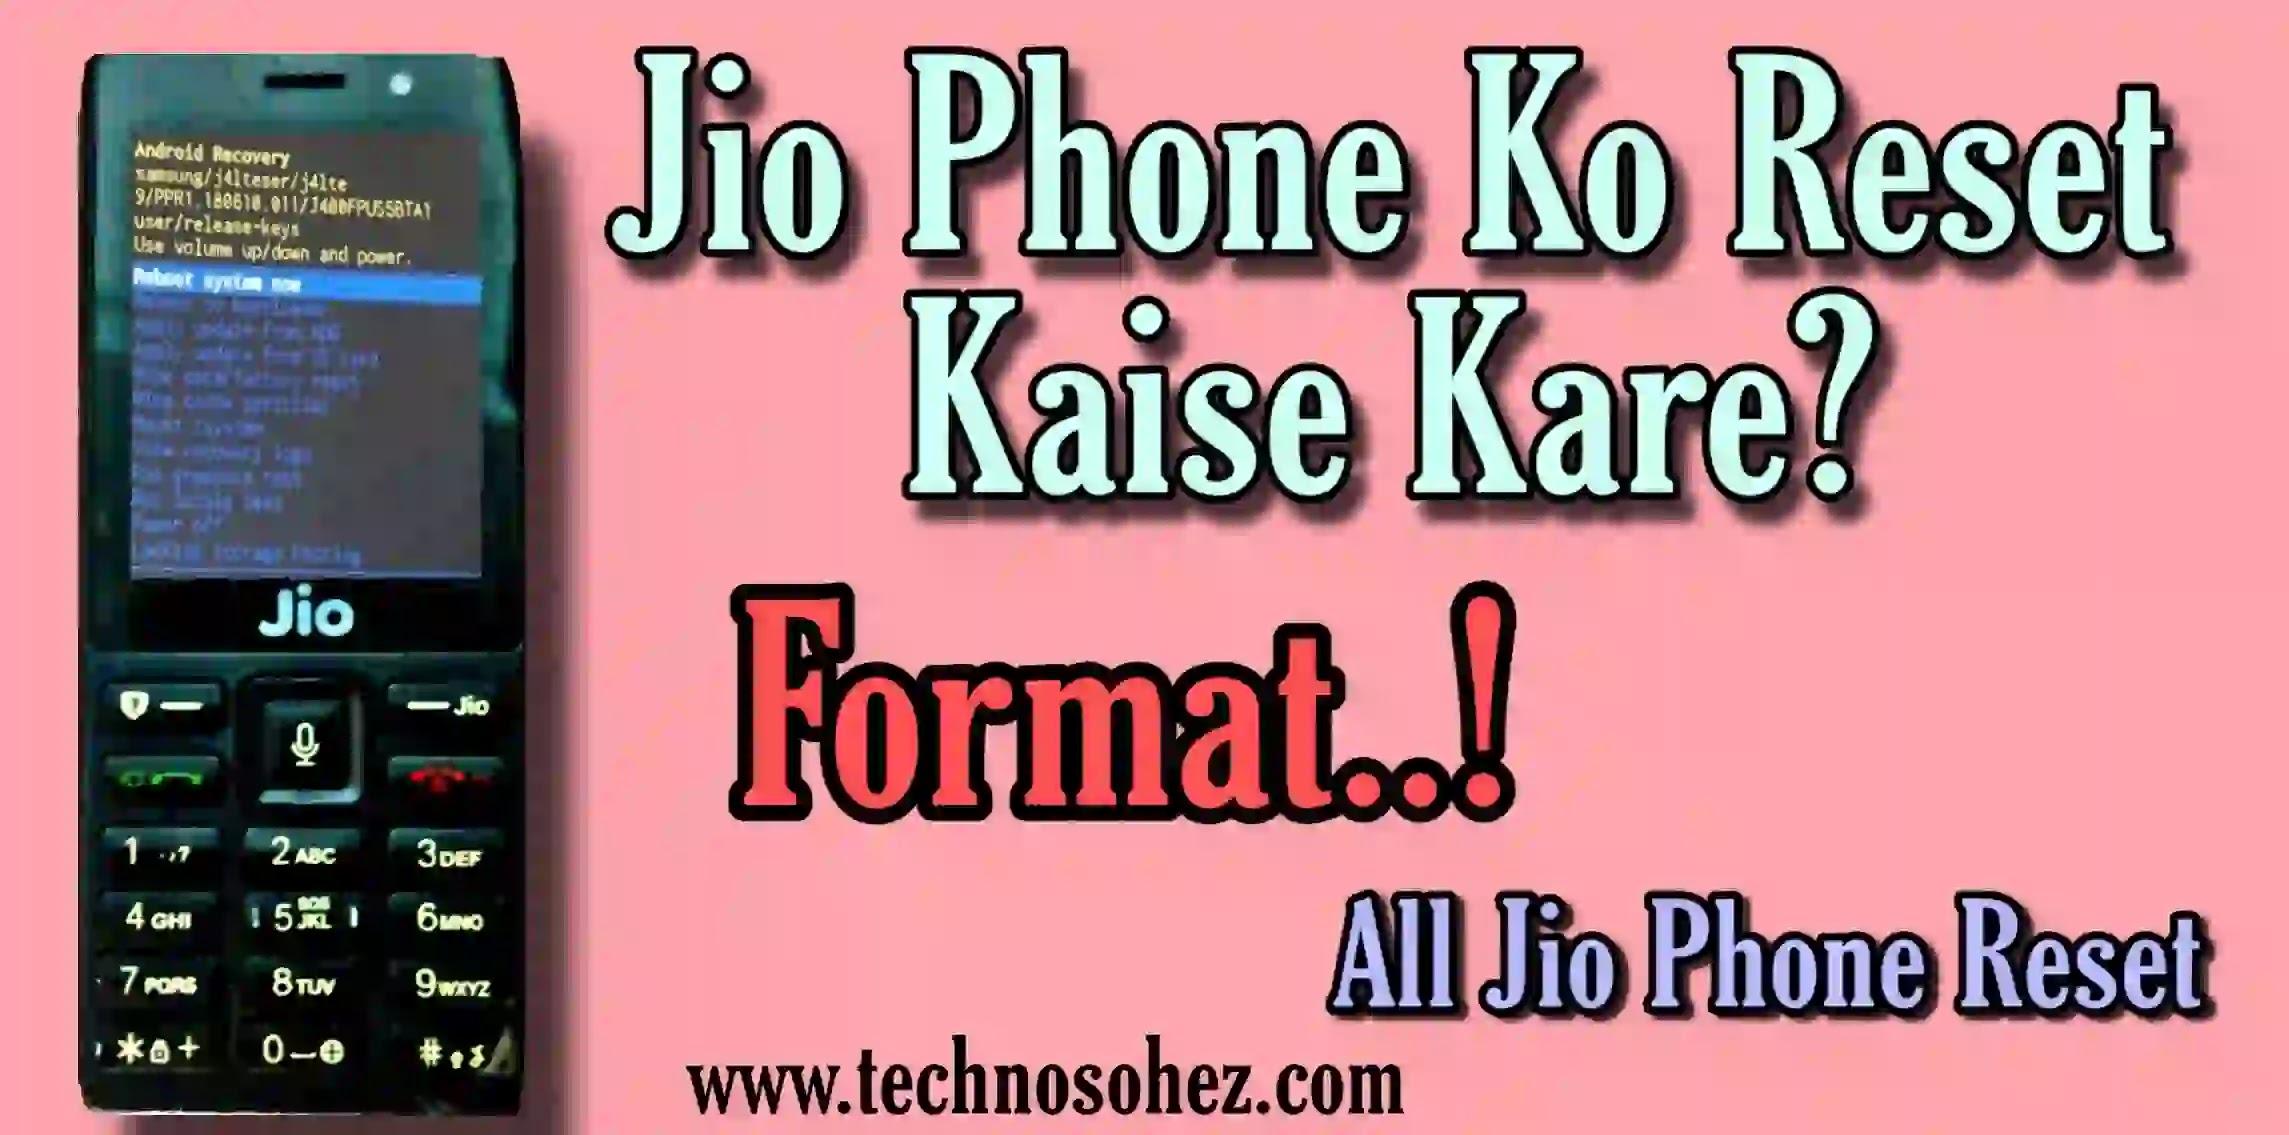 Jio Phone Ko Reset Kaise Kare?जिओ फोन रिसेट करने का नया तरीका 